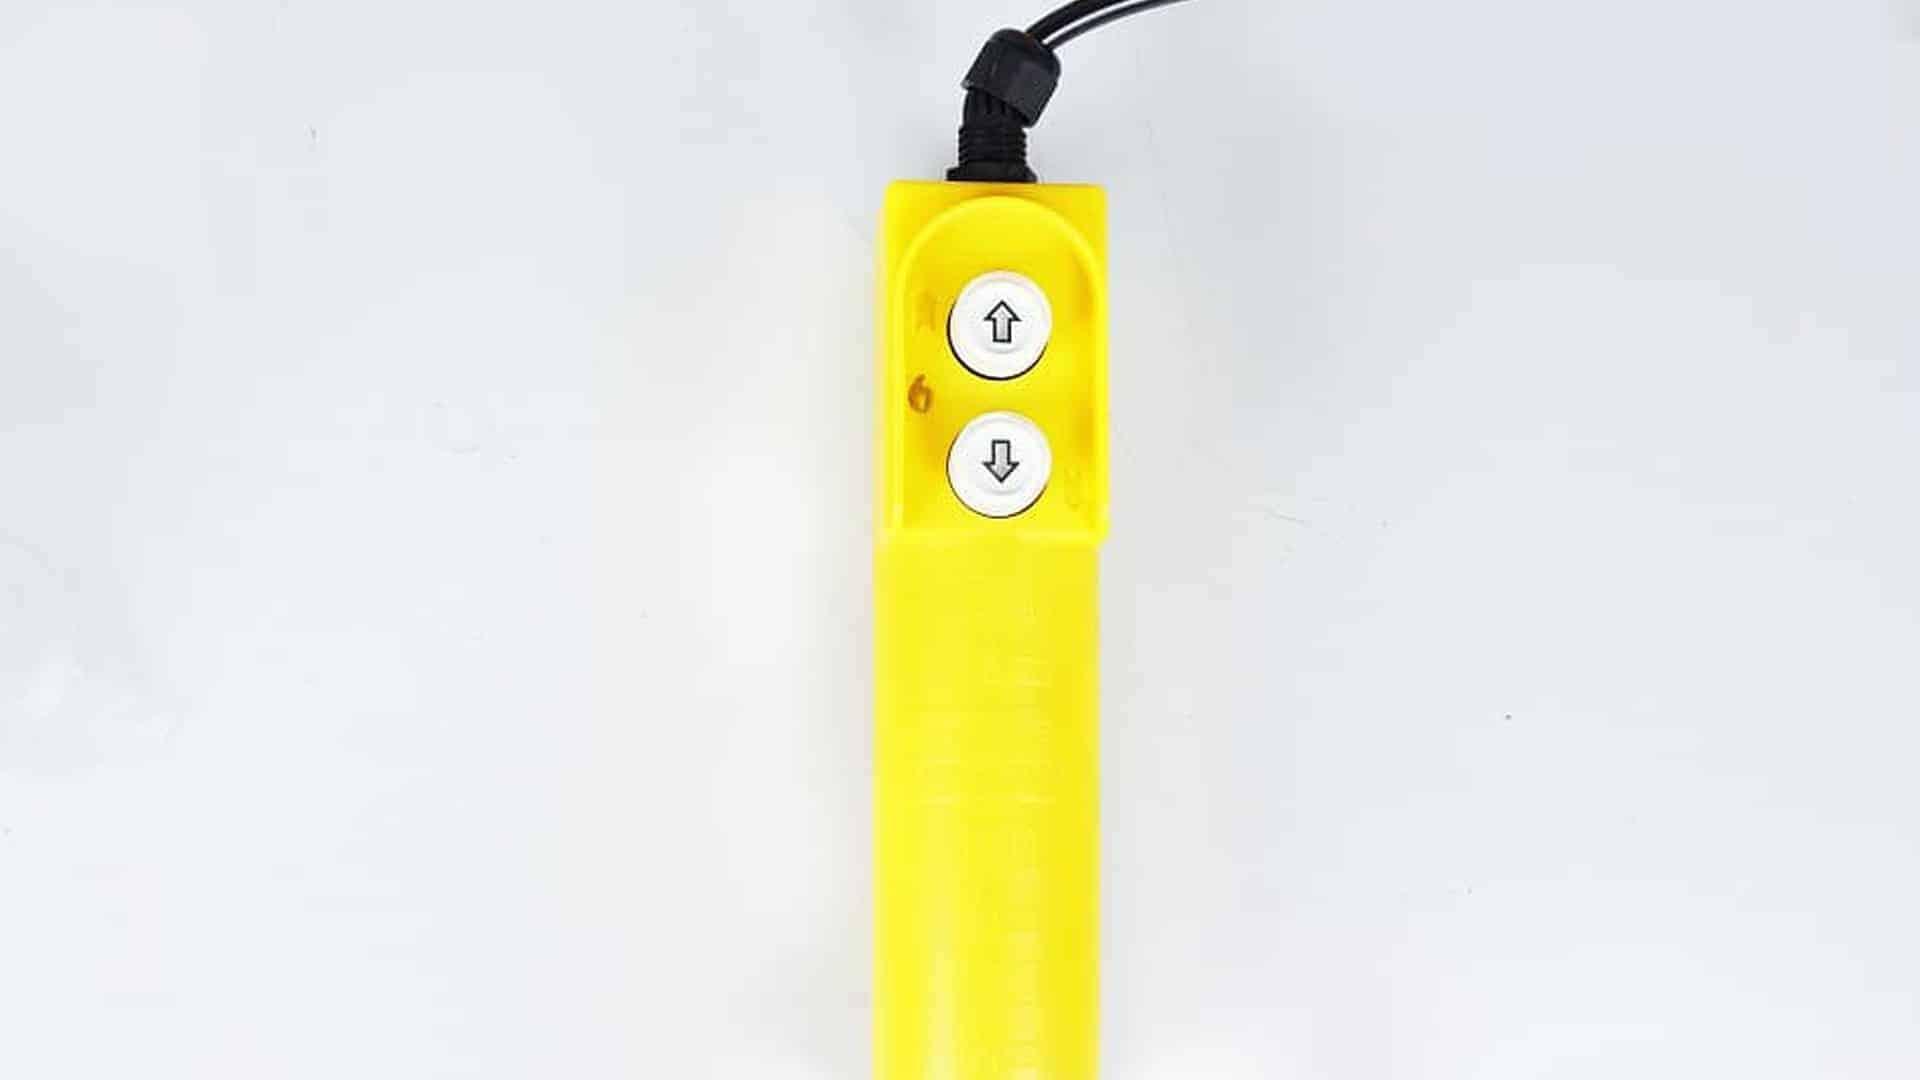 รอกไฟฟ้า-Standard-คุณสมบัติ-8